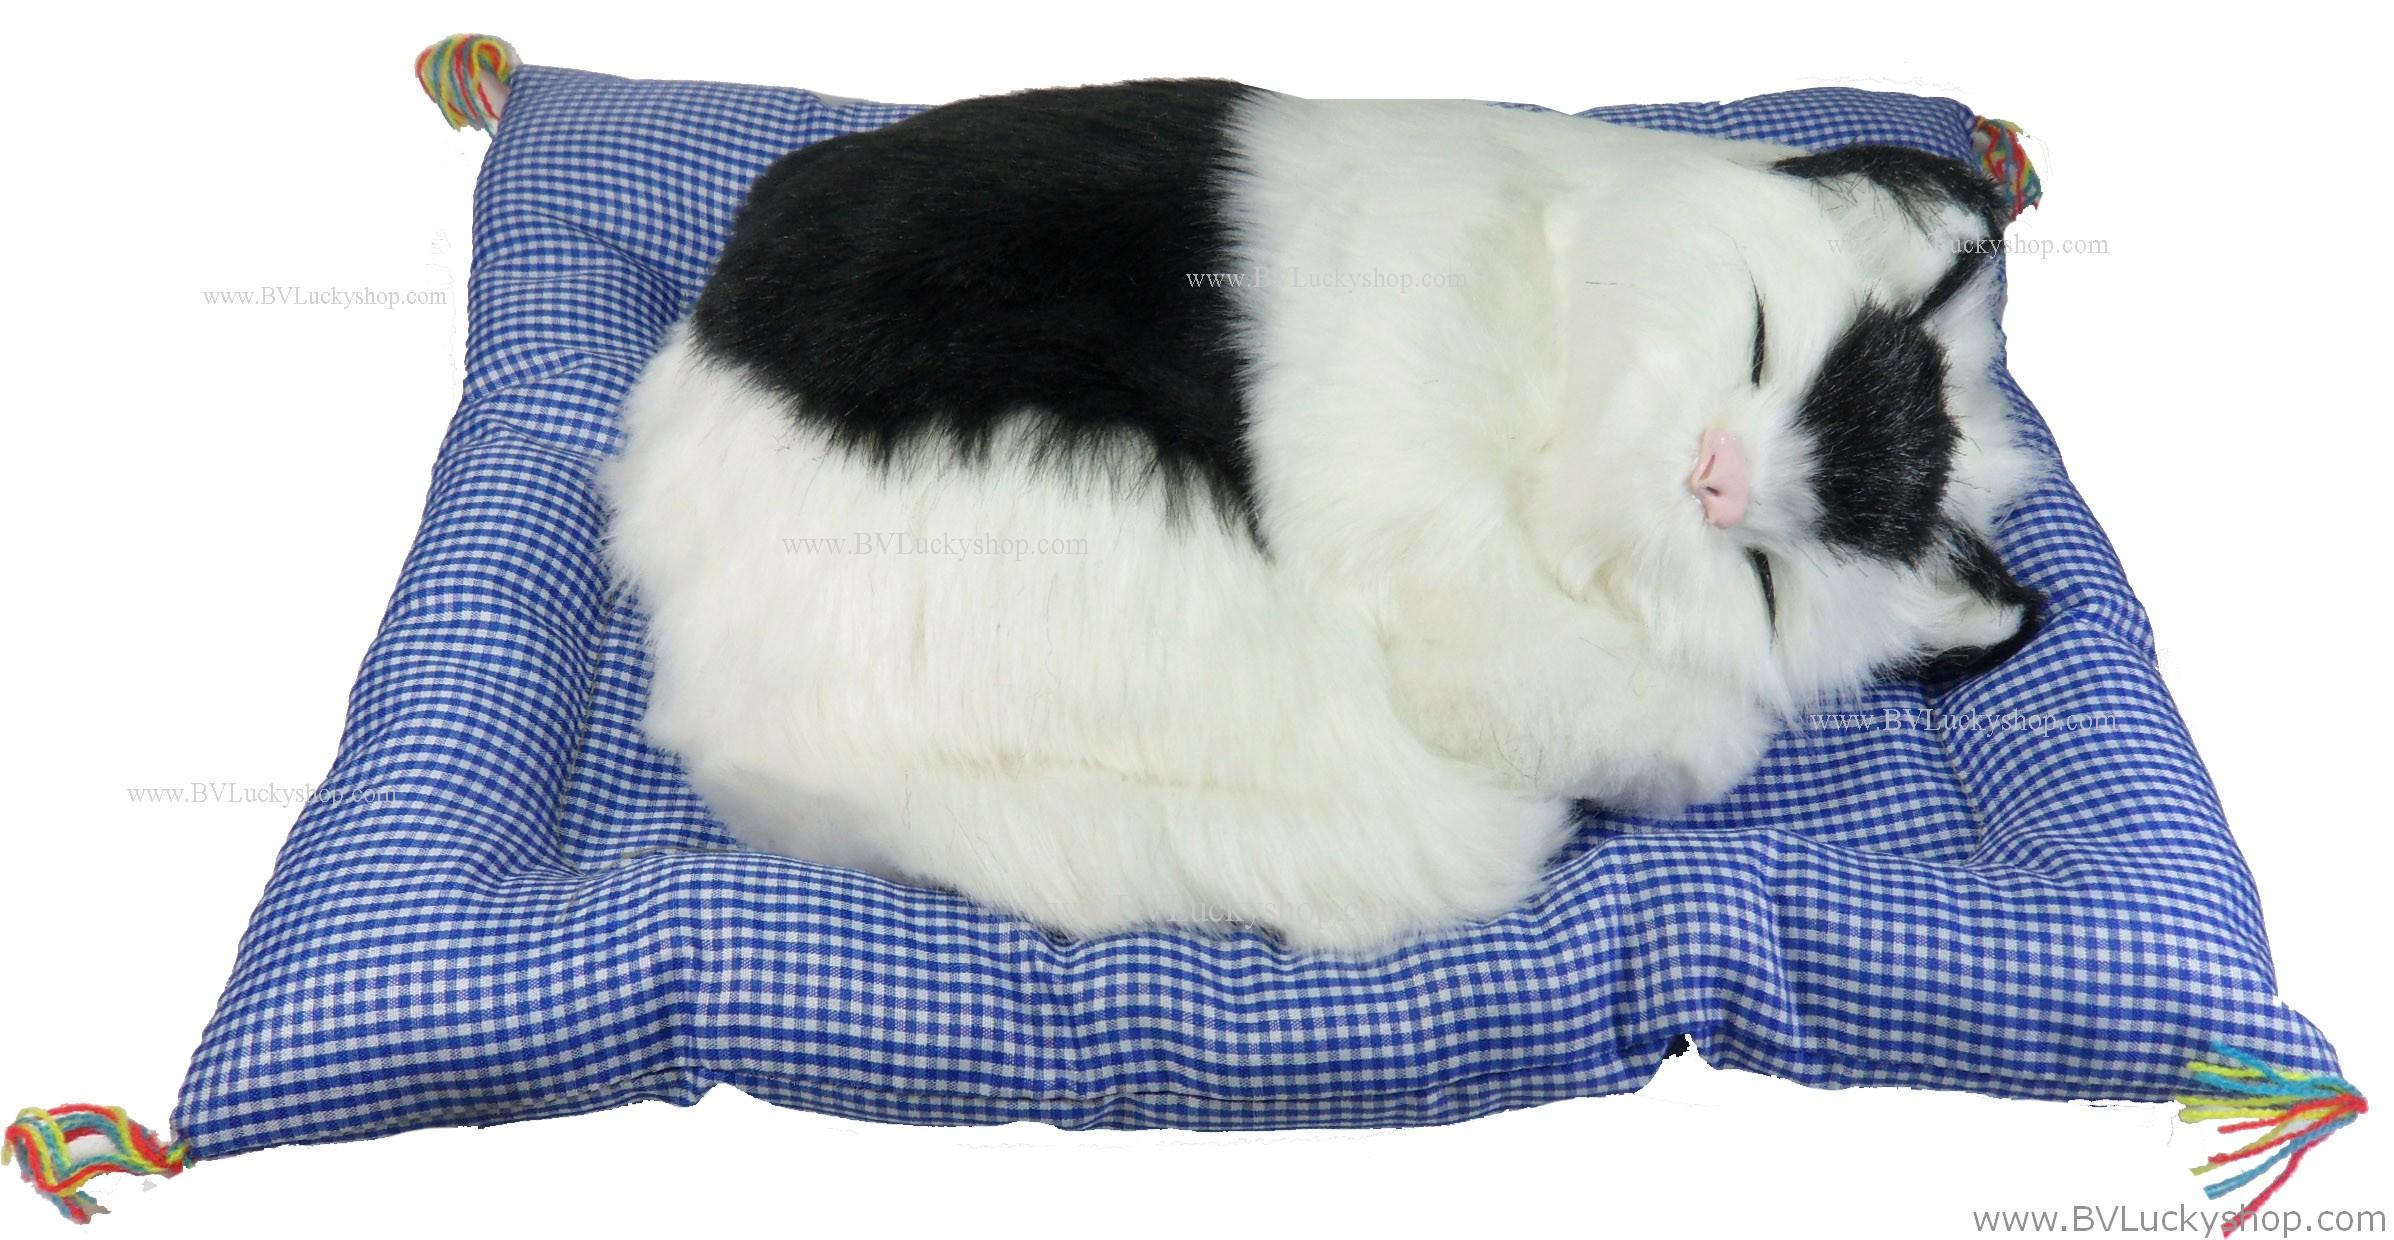 """ตุ๊กตาแมวนอนหลับ มีเสียงร้อง """"เมี้ยวๆๆ I love u"""" (เมื่อไปตบๆที่ตัวแมว) ขนาด 13นิ้วx10นิ้ว [catmeow-L4]"""